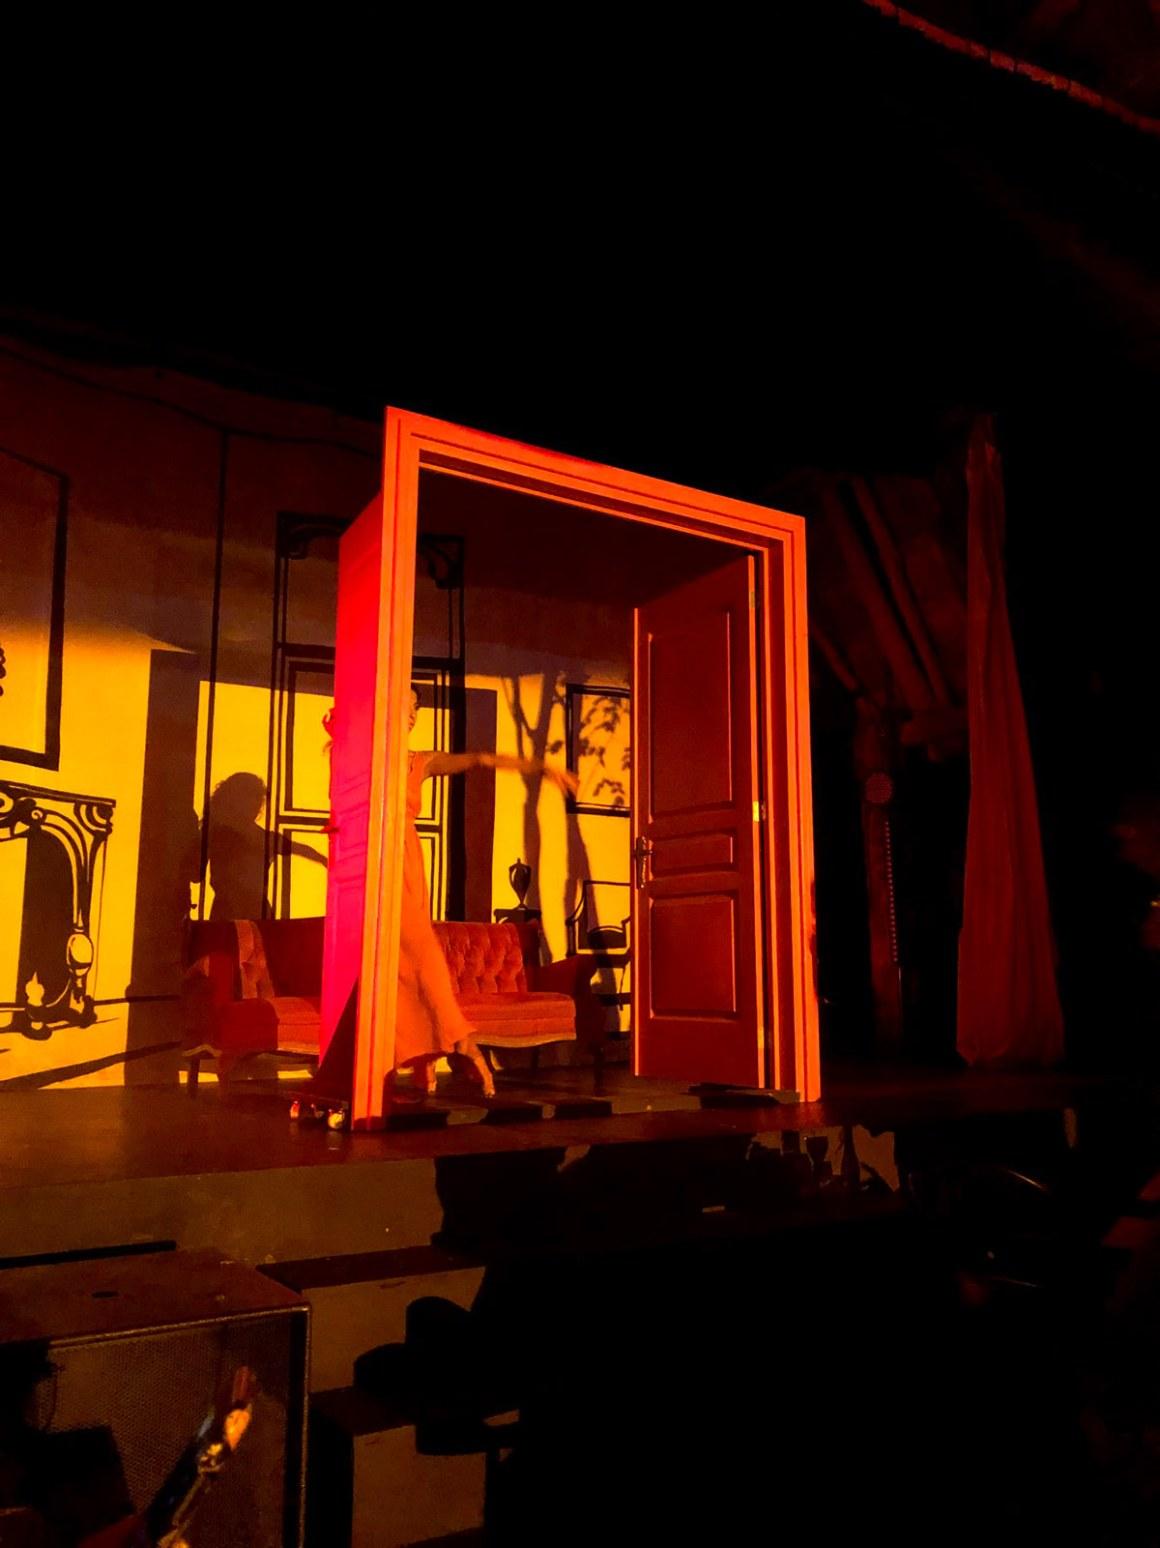 Les Bains tulum cabaret show